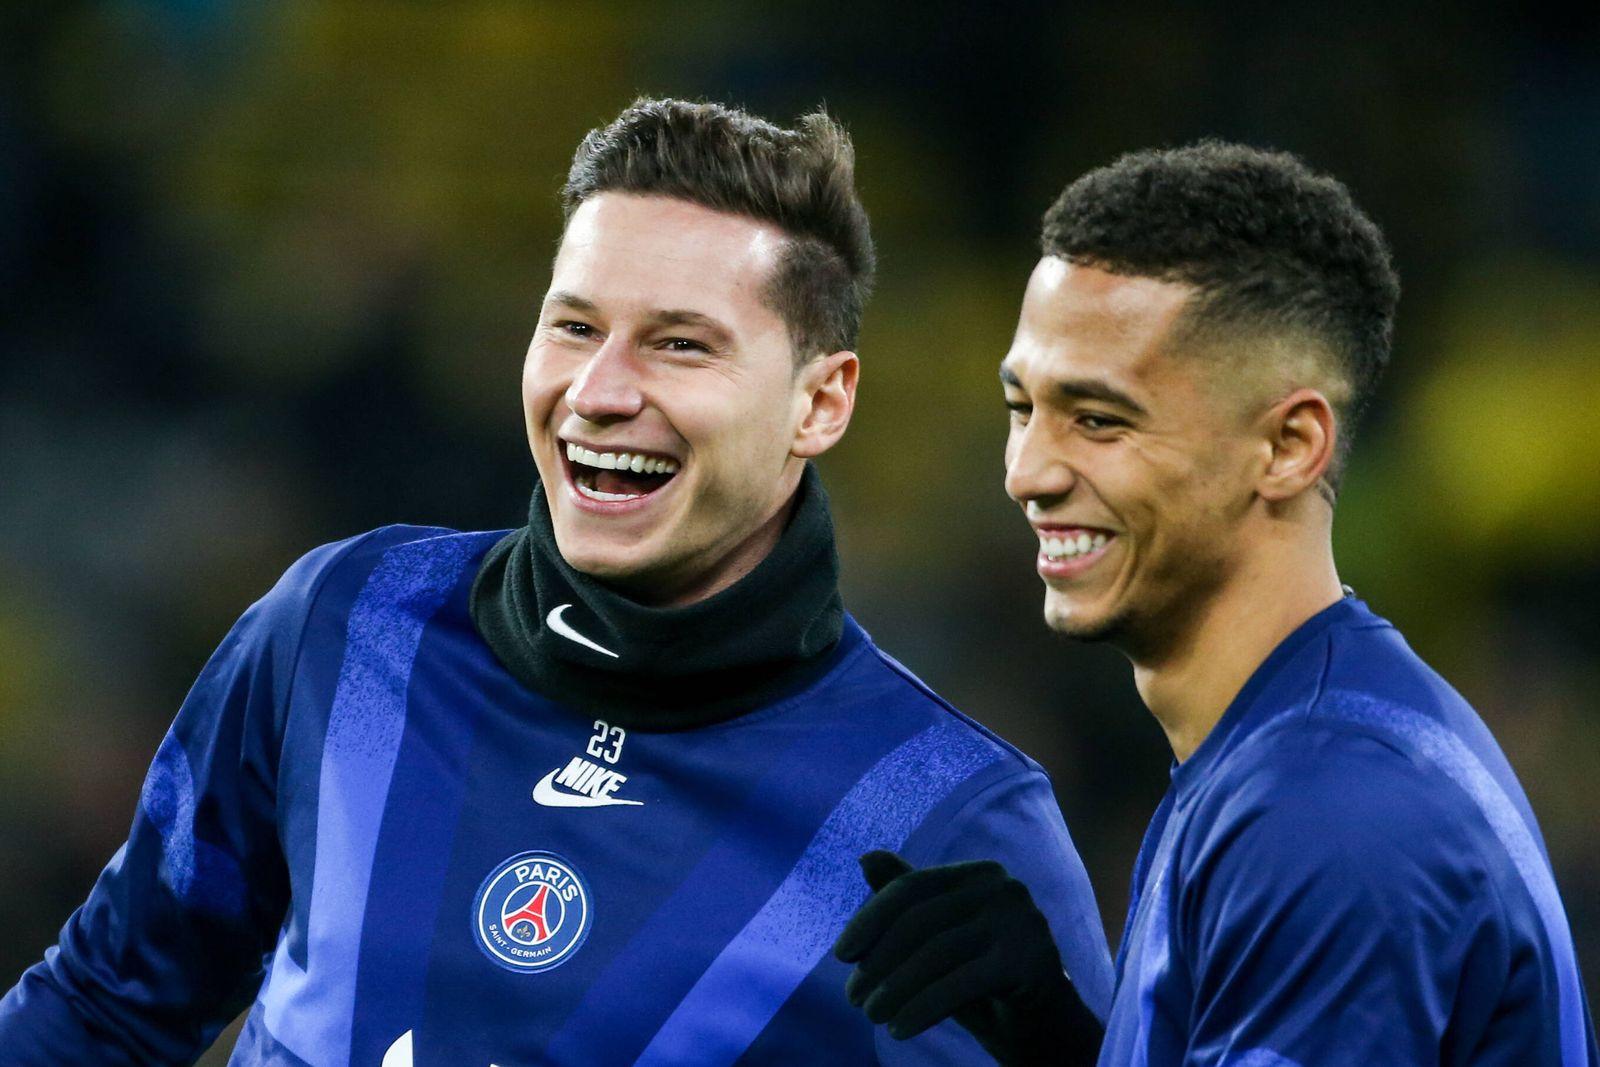 18.02.2020, Fussball, UCL Saison 2019/2020, UEFA Champions League, Achtelfinale - Borussia Dortmund - Paris Saint Germa